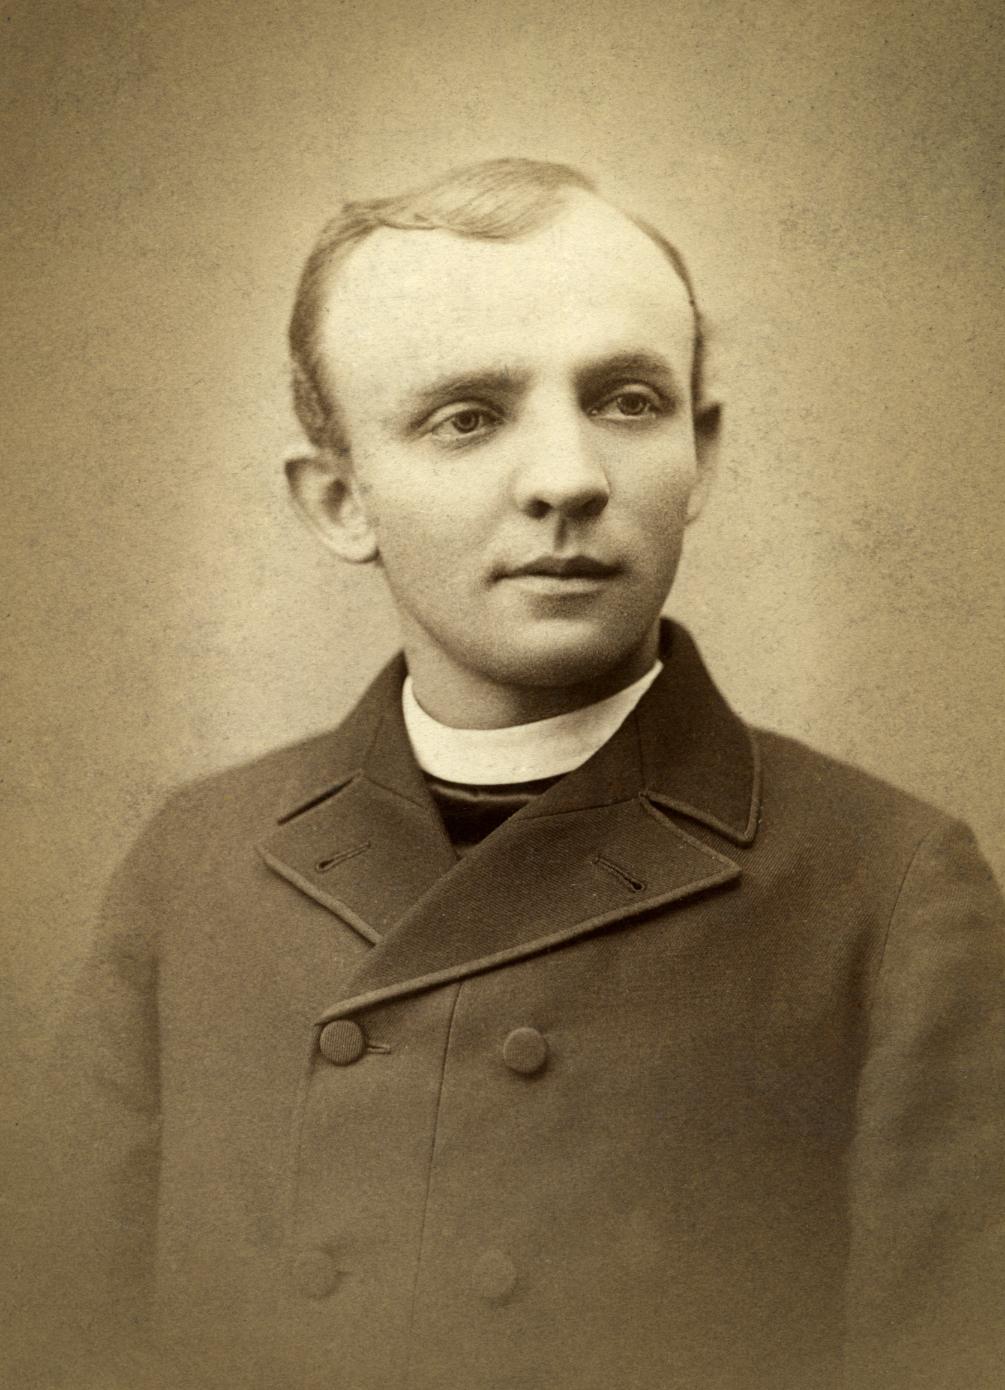 Fr. William Hein, O.S.B.